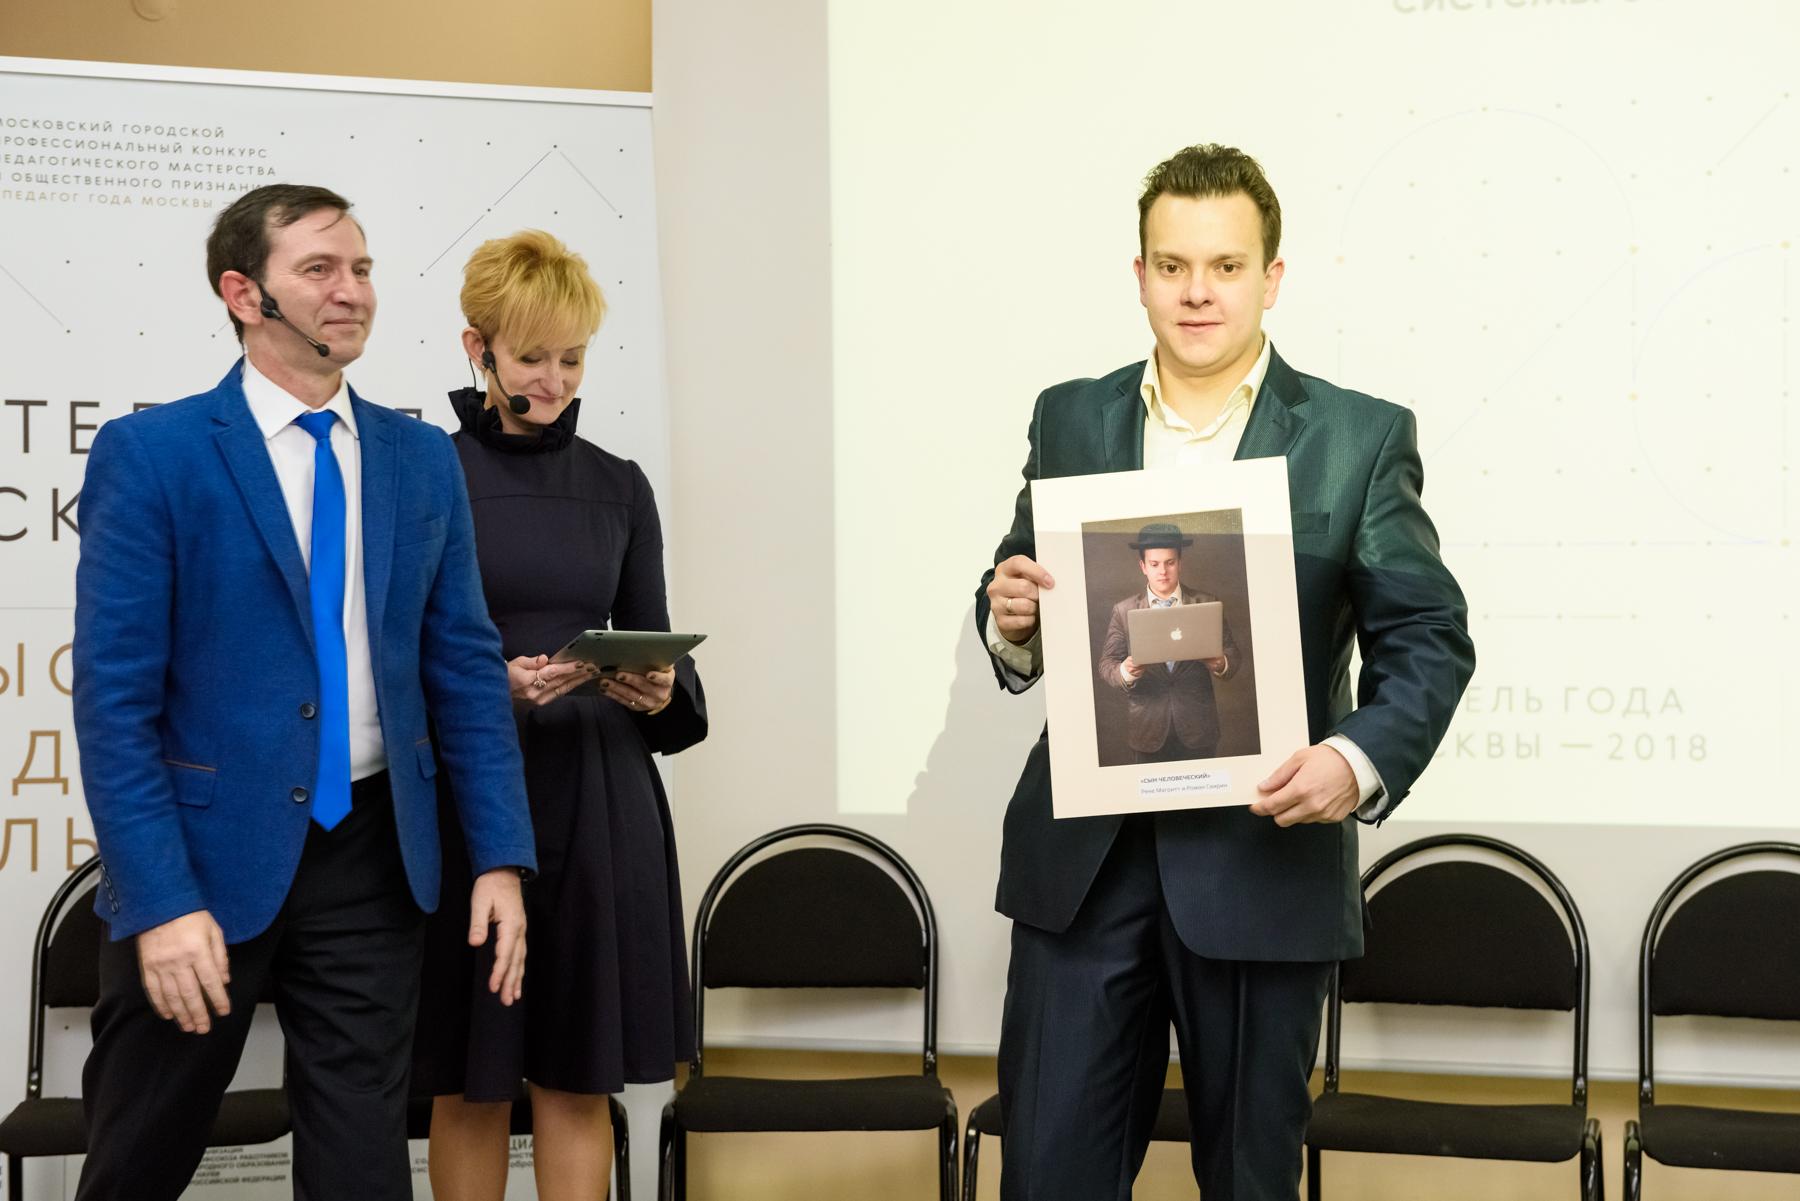 Участники конкурса «Учитель года Москвы 2018